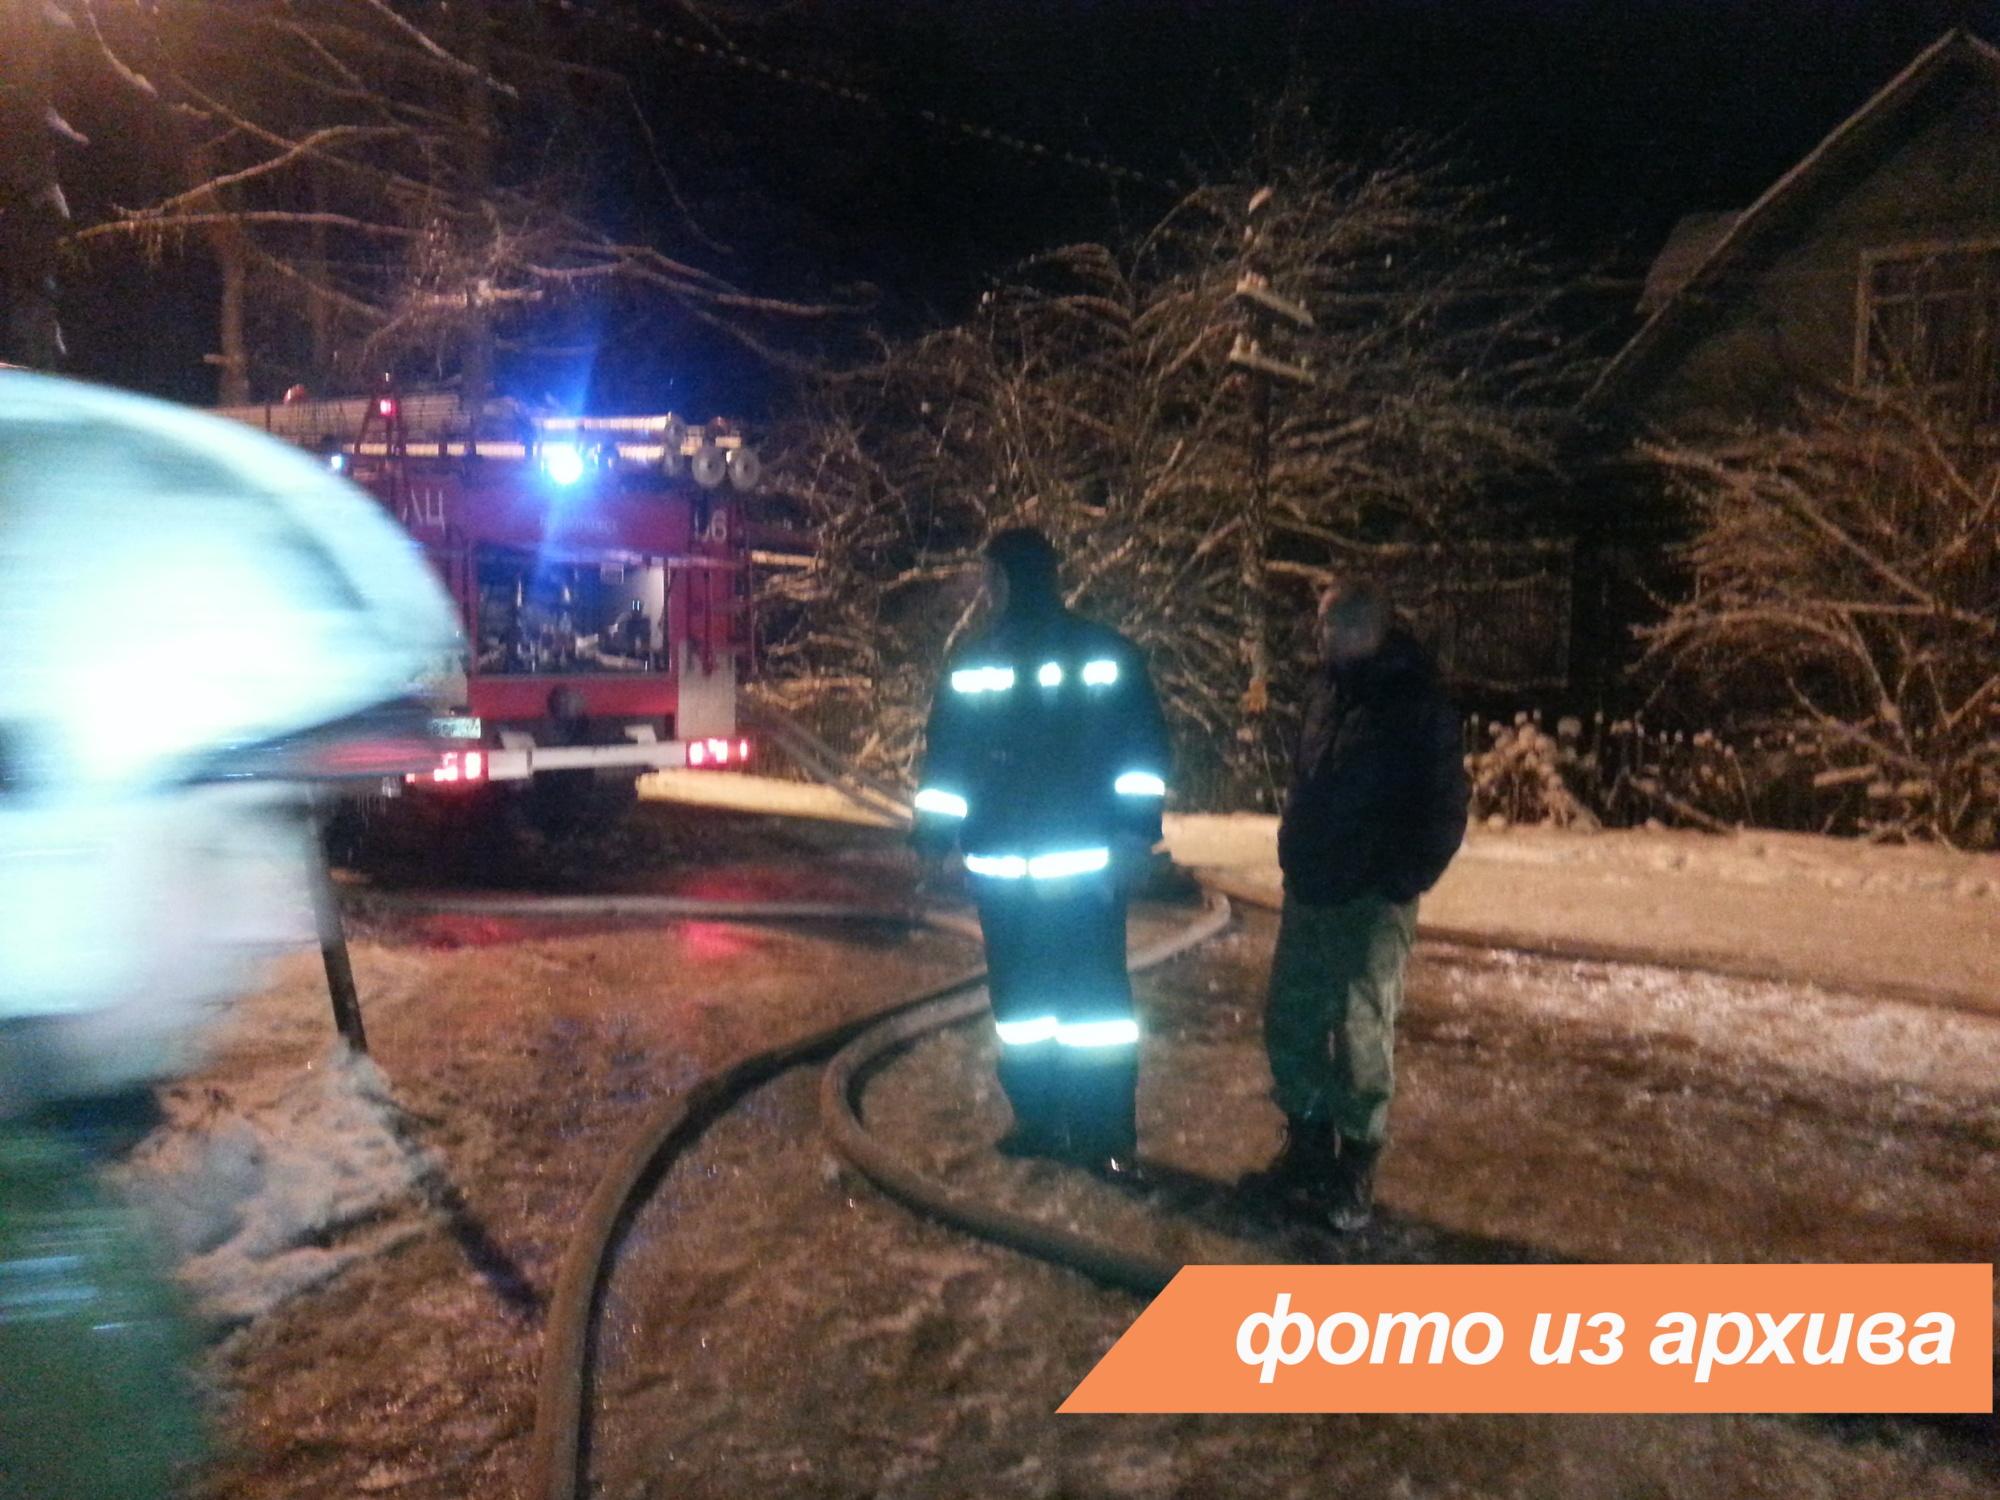 Пожарно-спасательное подразделение ликвидировало пожар в Бокситогорском районе